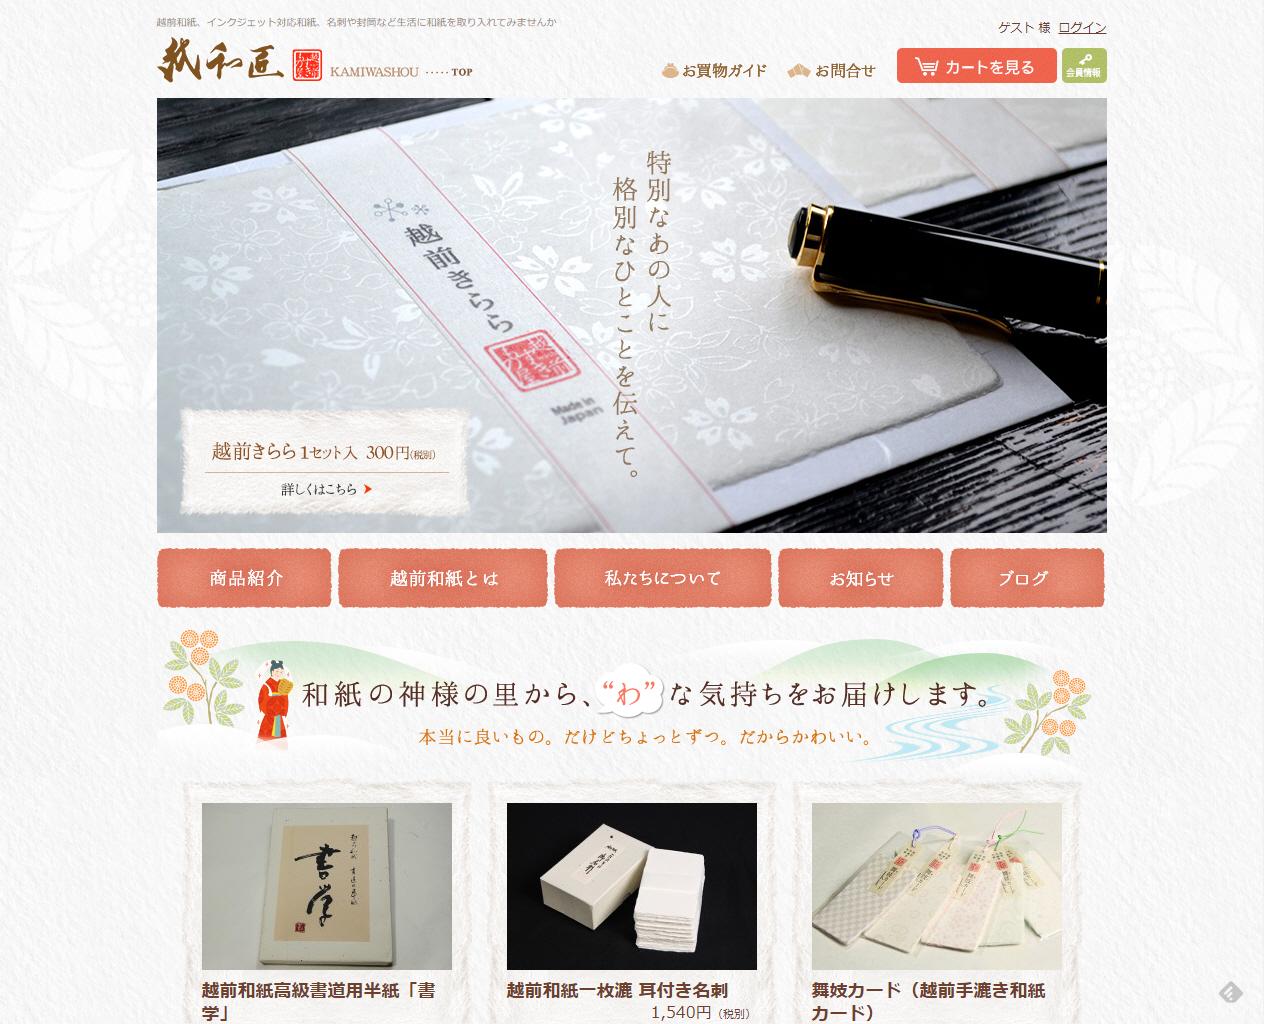 越前和紙を製造・販売 紙和匠(かみわしょう)